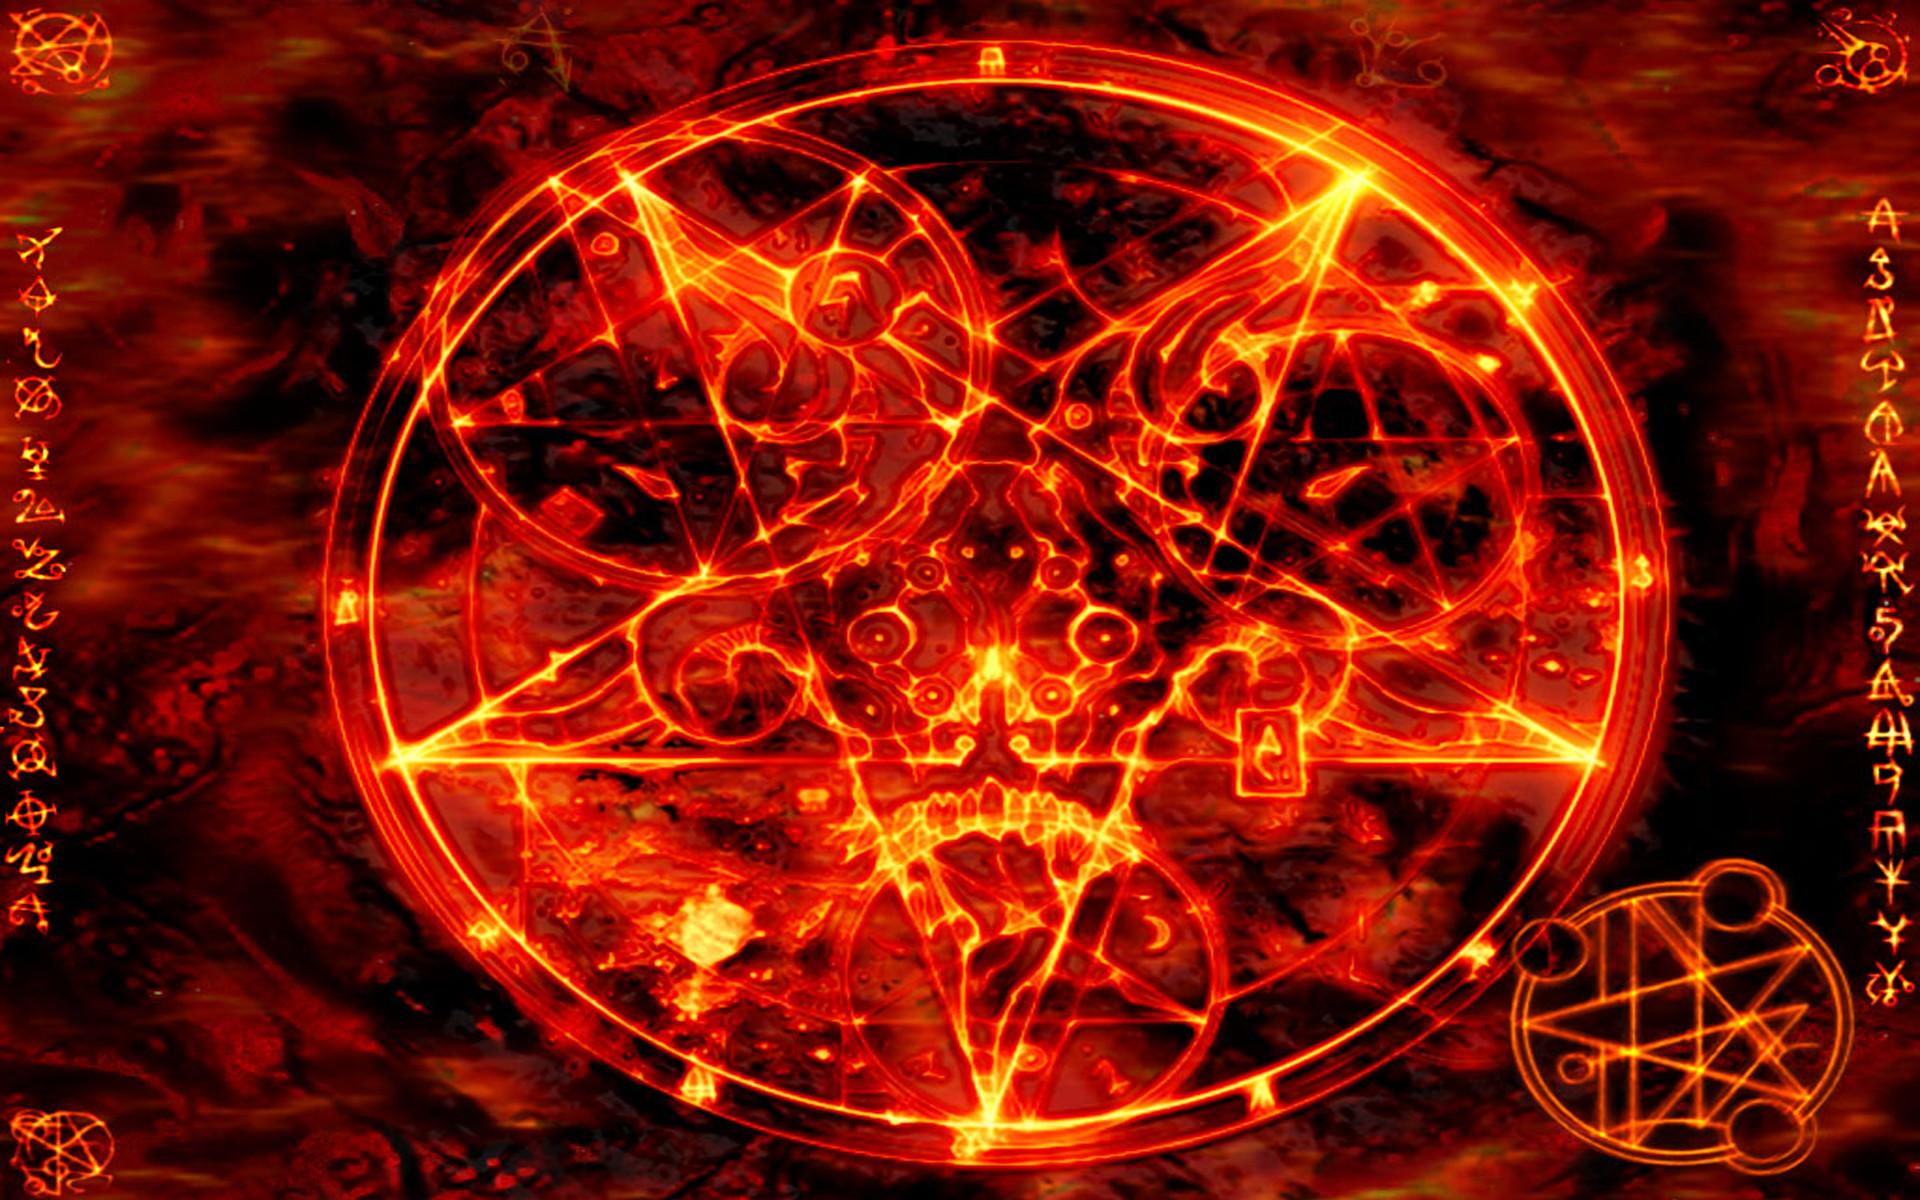 Res: 1920x1200, Pentagram satanic hd-wallpaper-265539.jpg